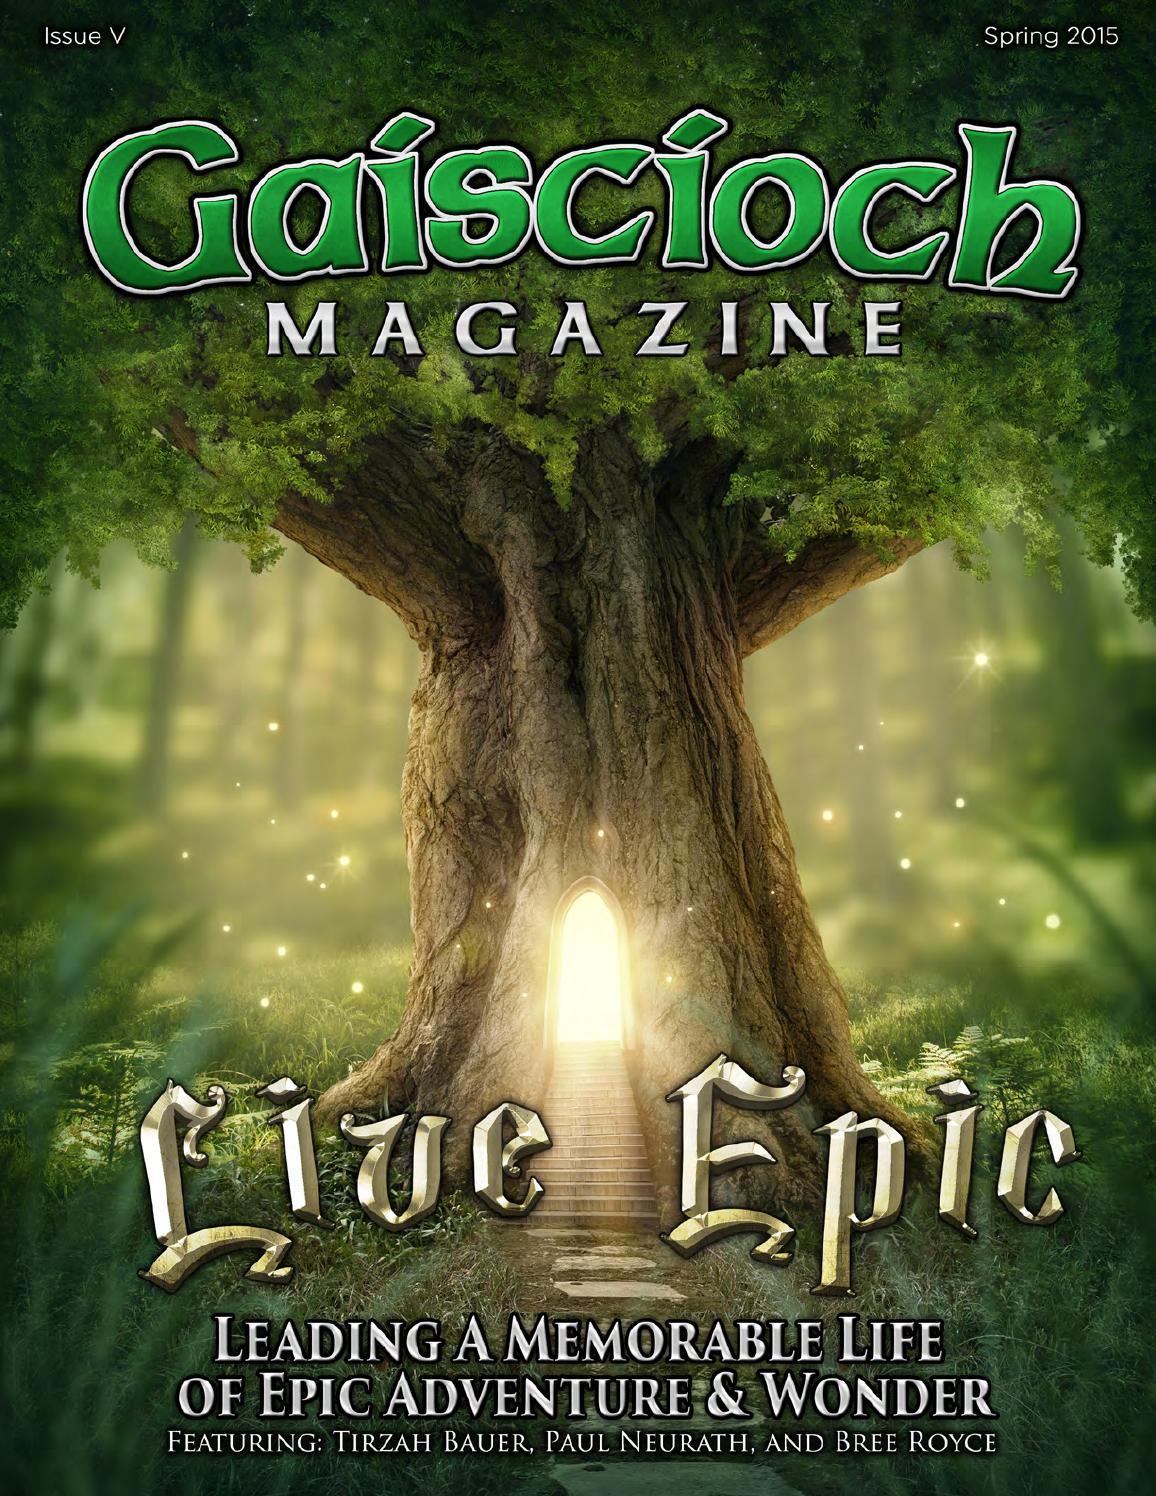 Gaiscioch Magazine - Issue 5 by Gaiscioch Magazine - issuu